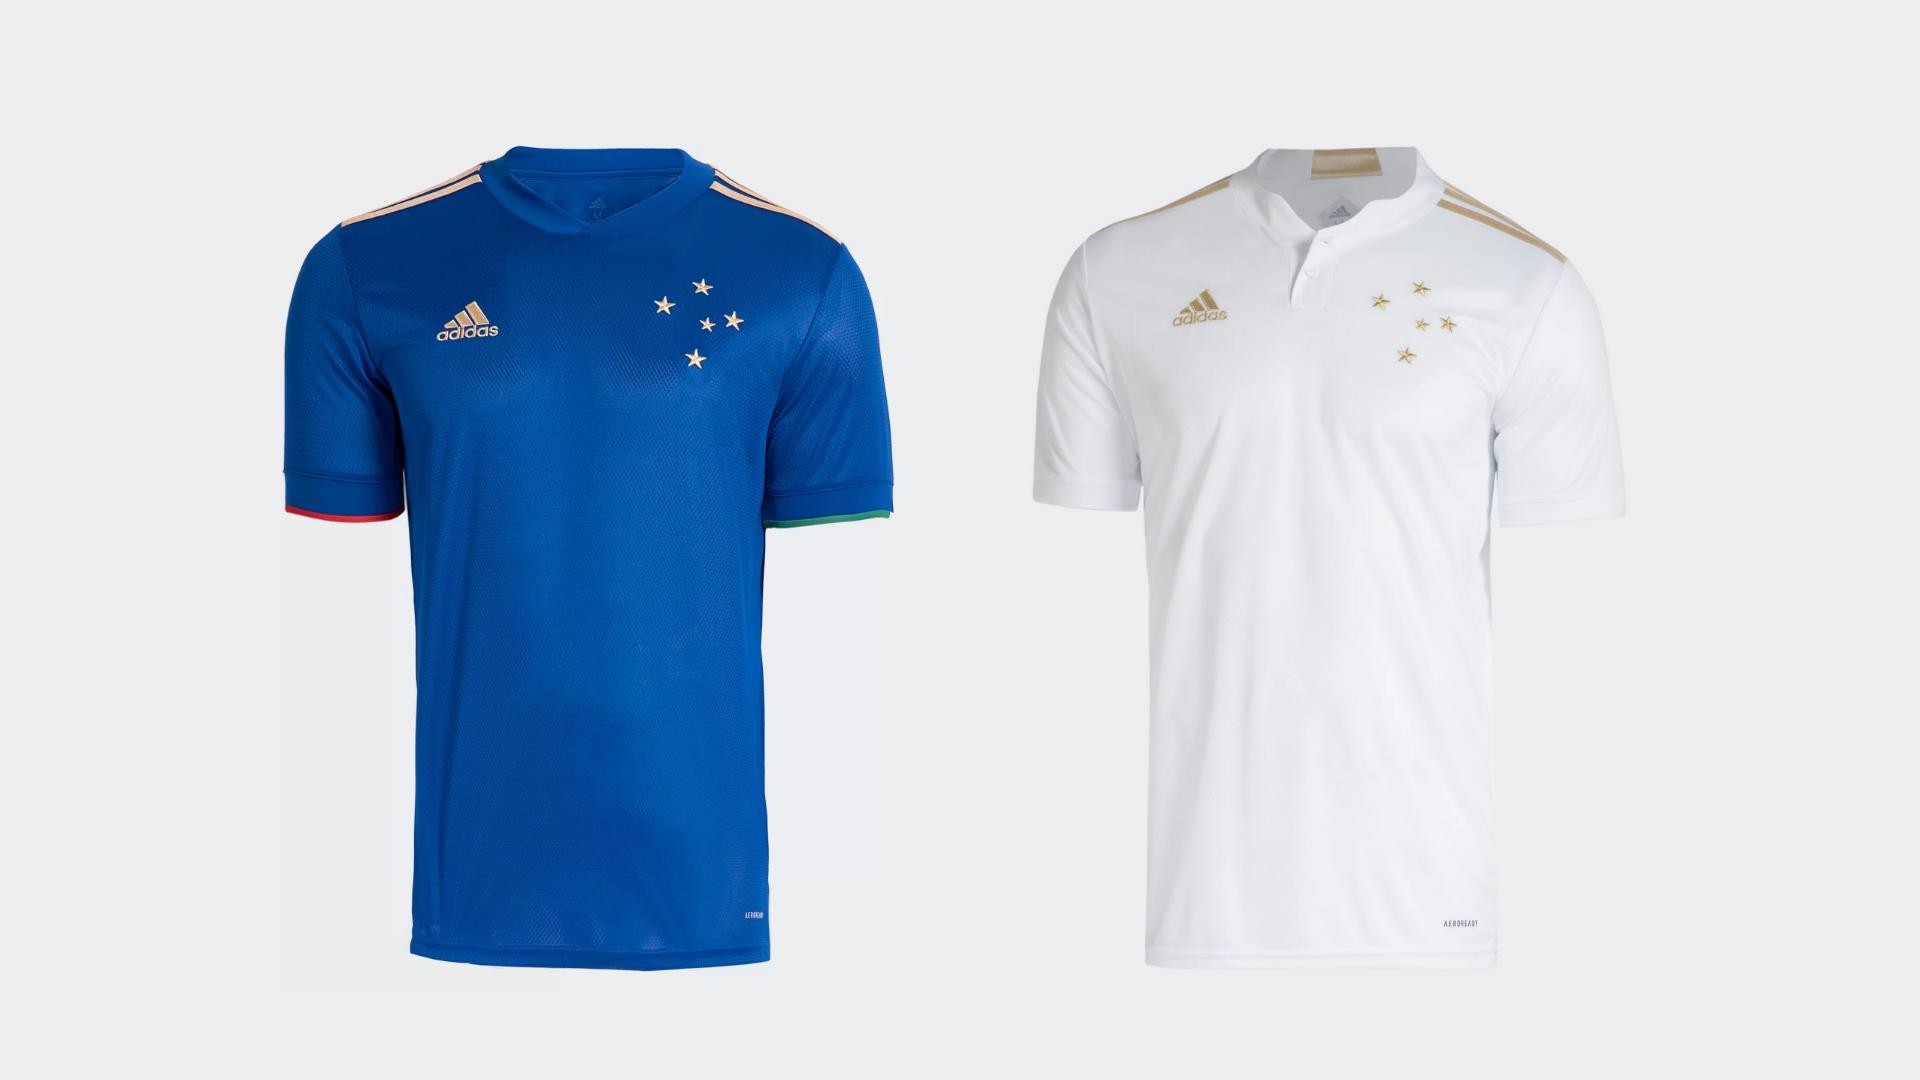 Camisa do Cruzeiro 2021 Adidas Jogo 1 e 2 (Imagem: Divulgação/Adidas)